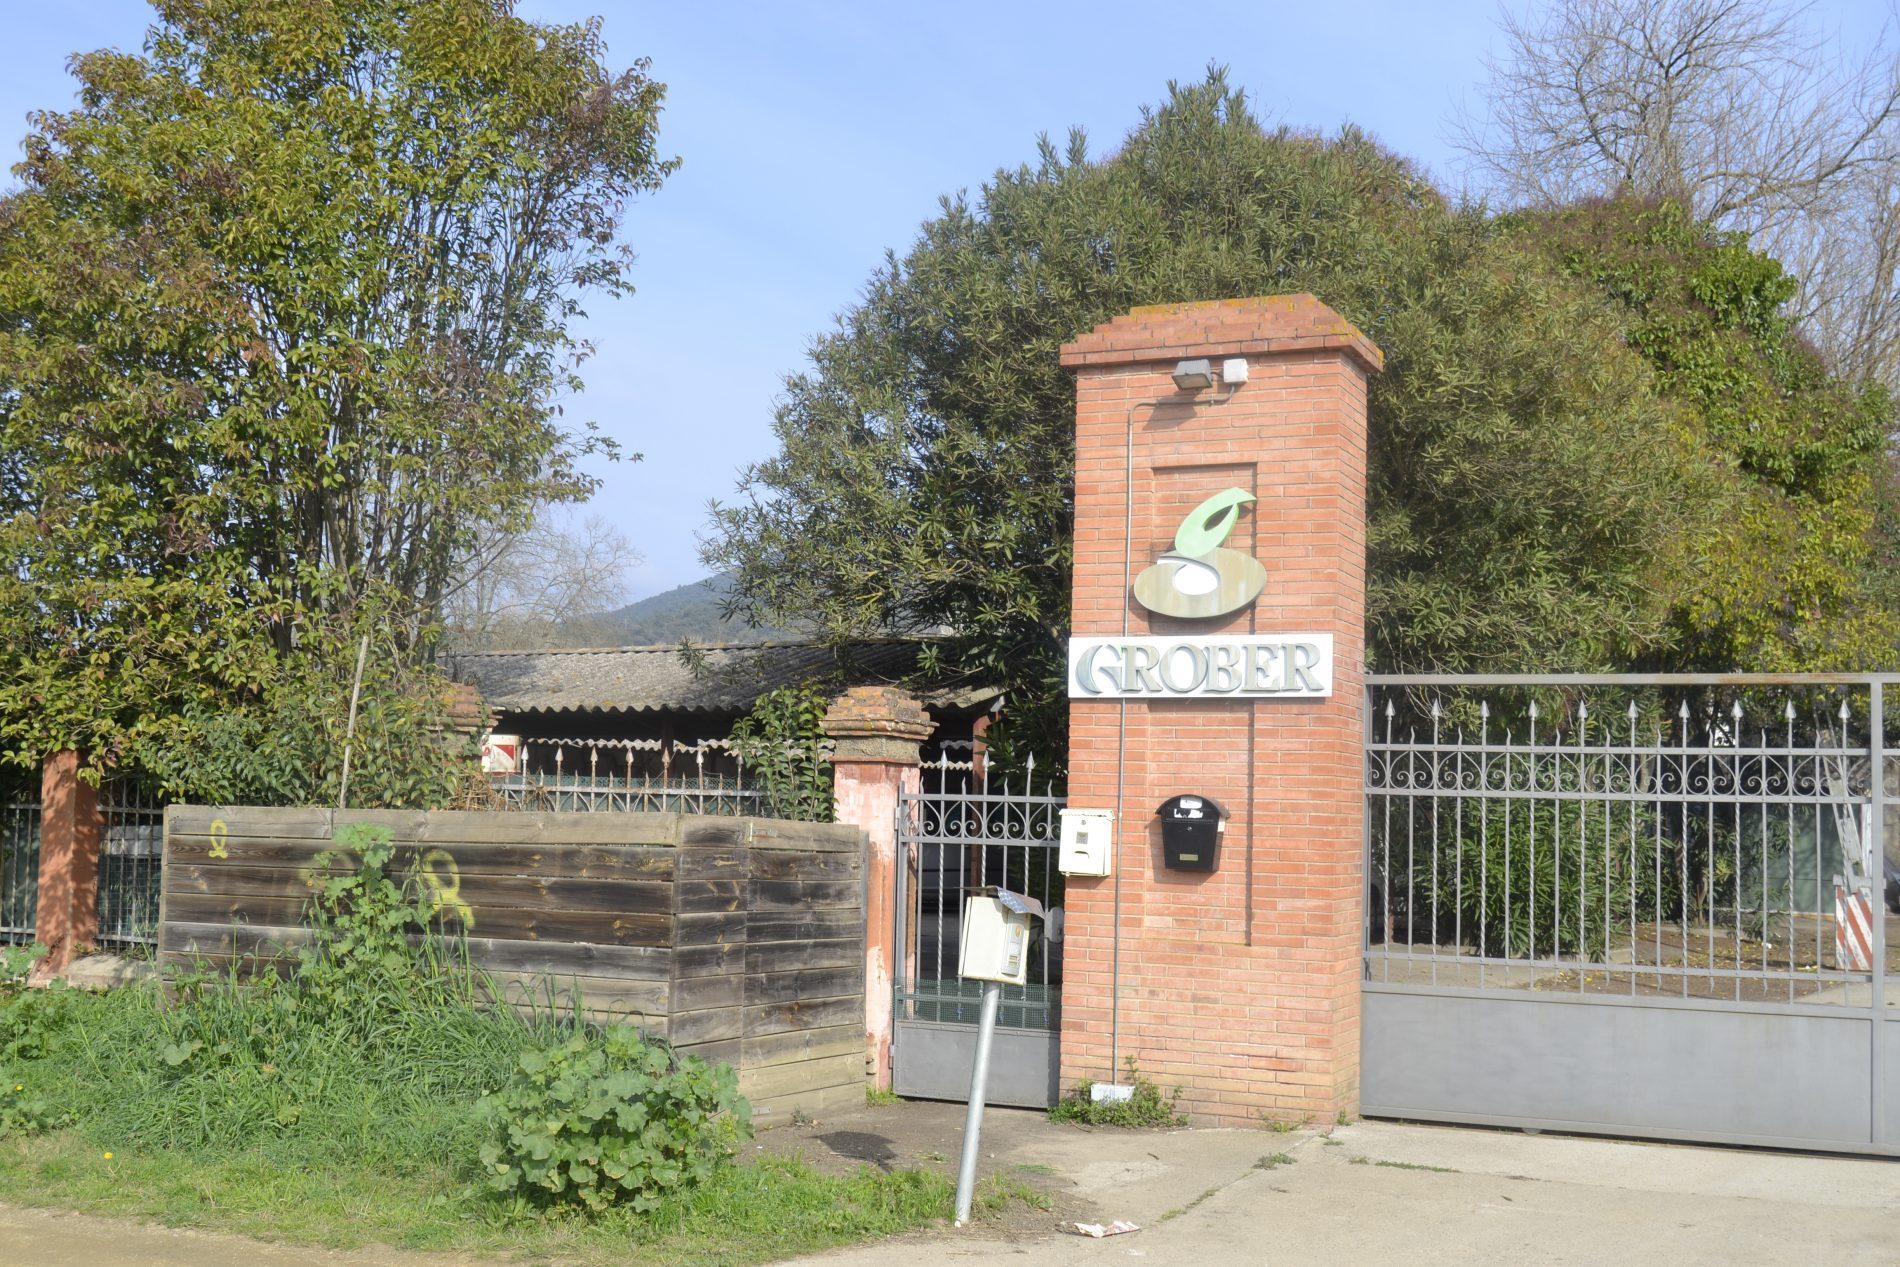 entrada a la fàbrica La Grober a Bescanó